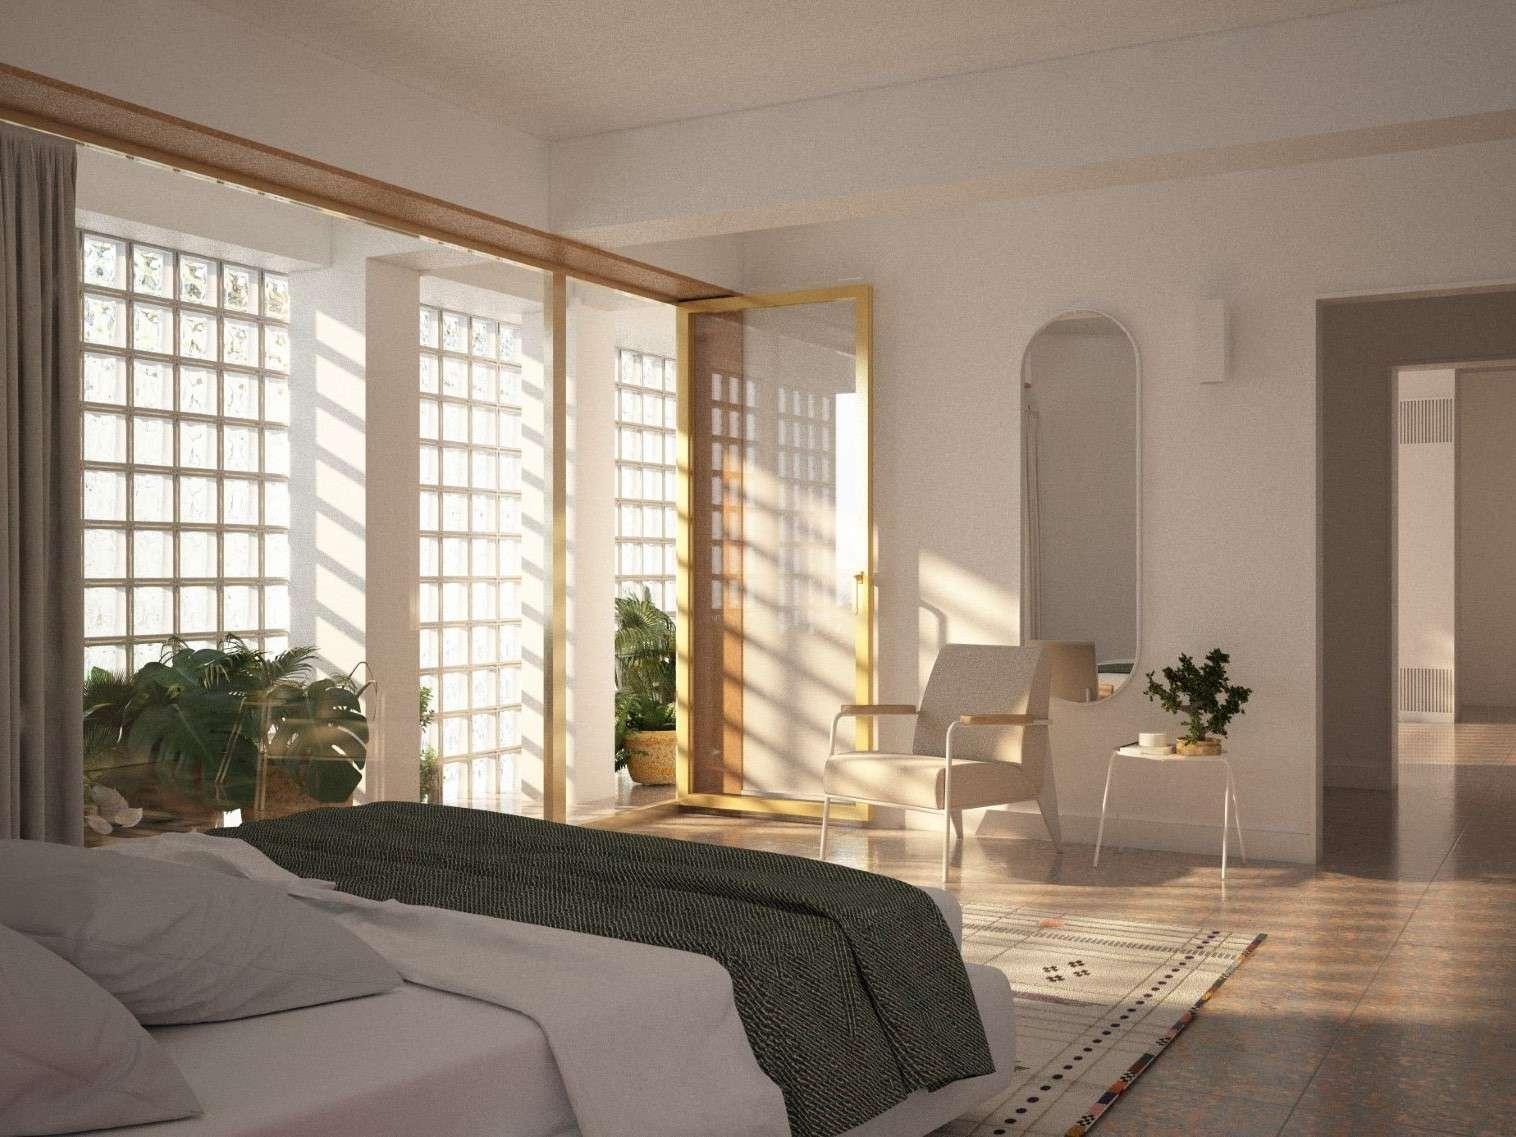 images-prod-prop-004604-quarto_apartamento_a_1623936717333-jpg